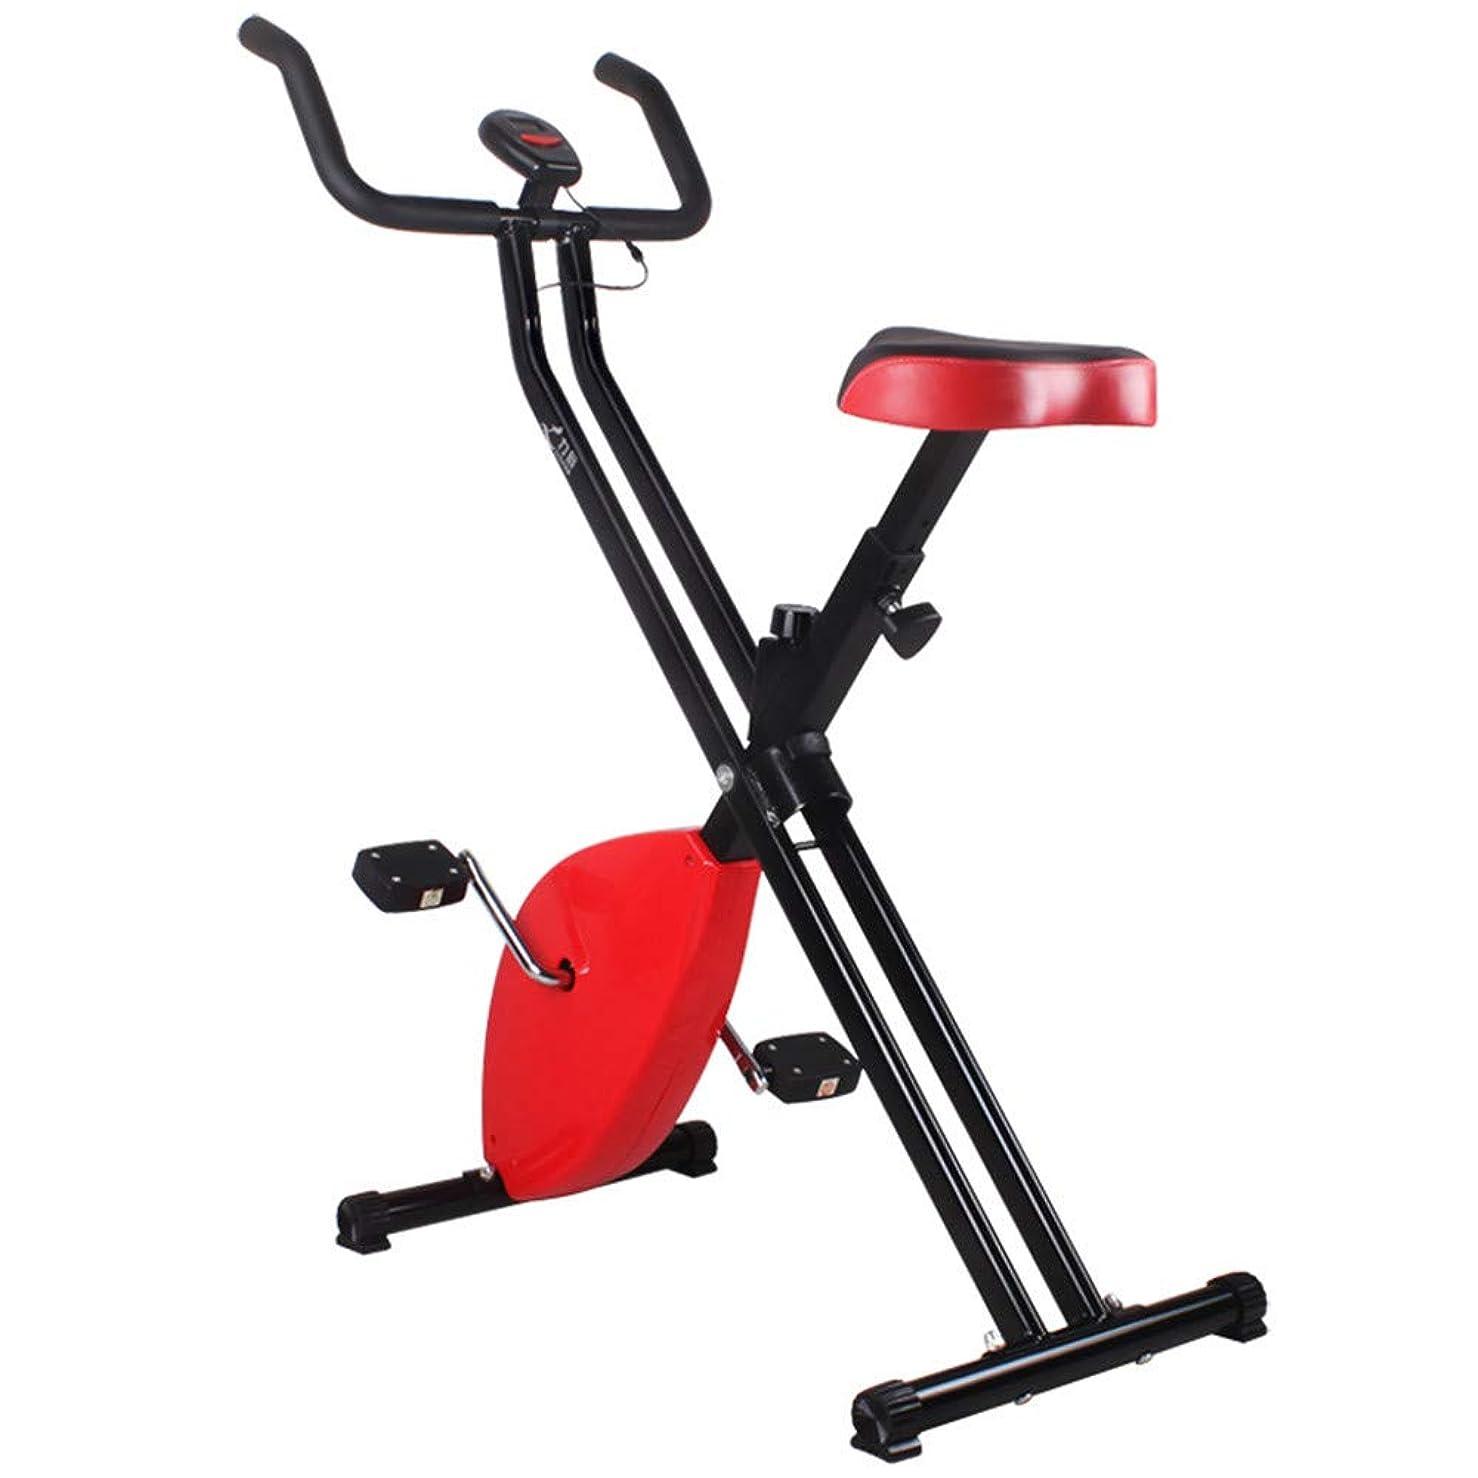 トレーニング歌詞スコアスピニングバイク トレーナーエクササイズ自転車屋内サイクリングバイクサイクル心拍数フィットネスステーショナリーエクササイズバイク付きLCDディスプレイ